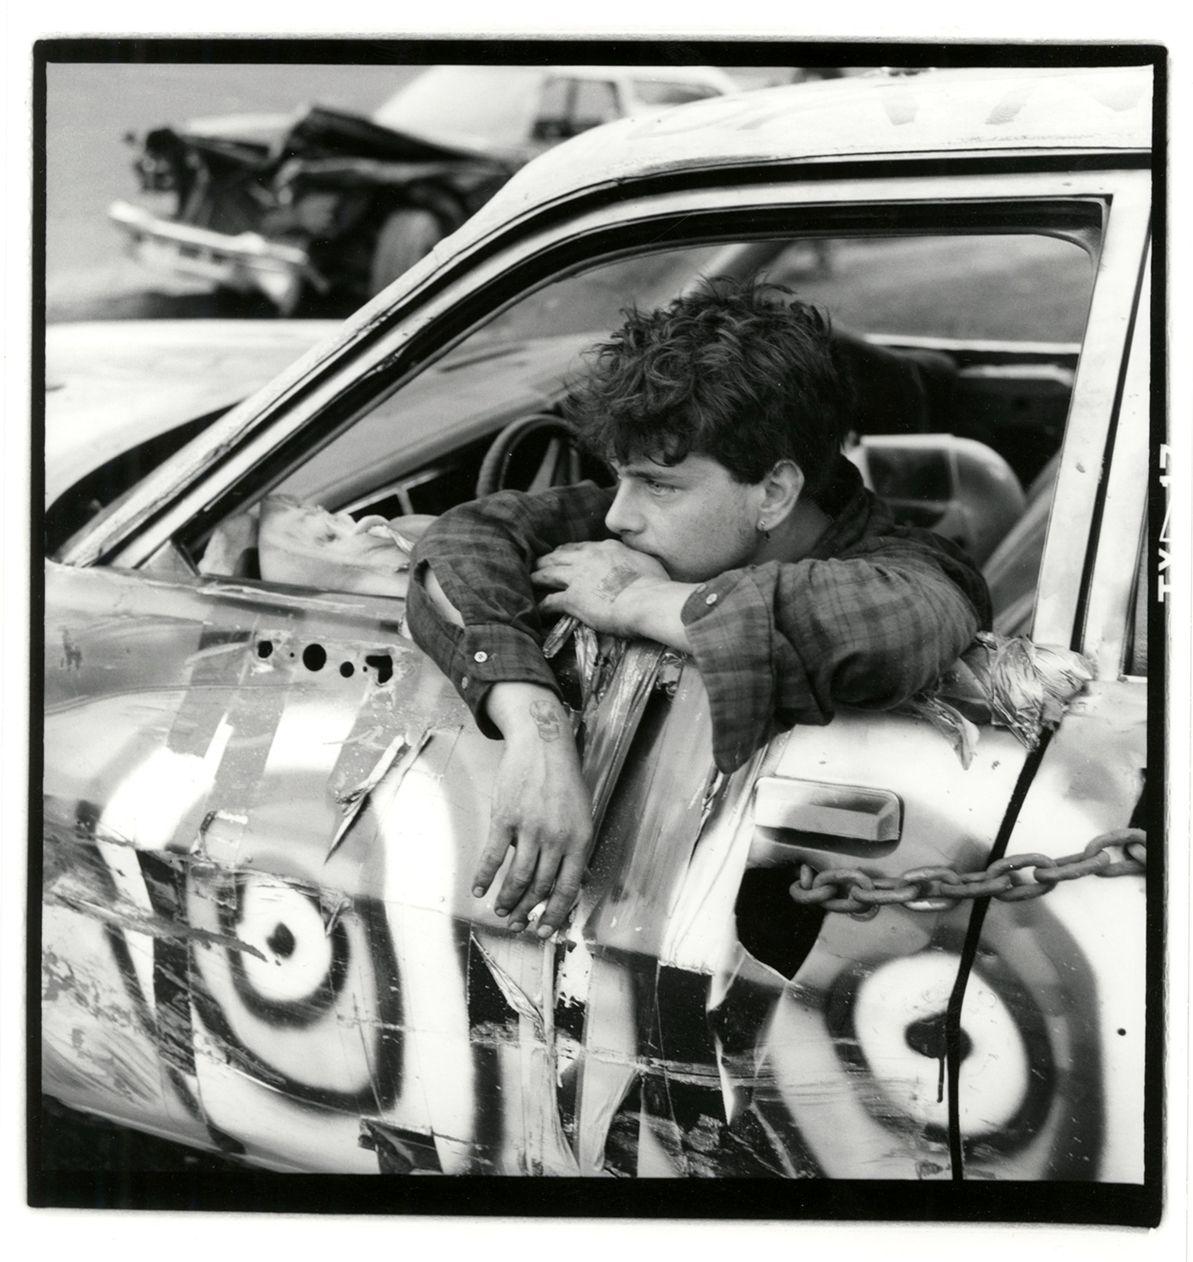 Copyright Danny Lyon / Magnum Photos, Wall Stadium, New Jersey, 1988